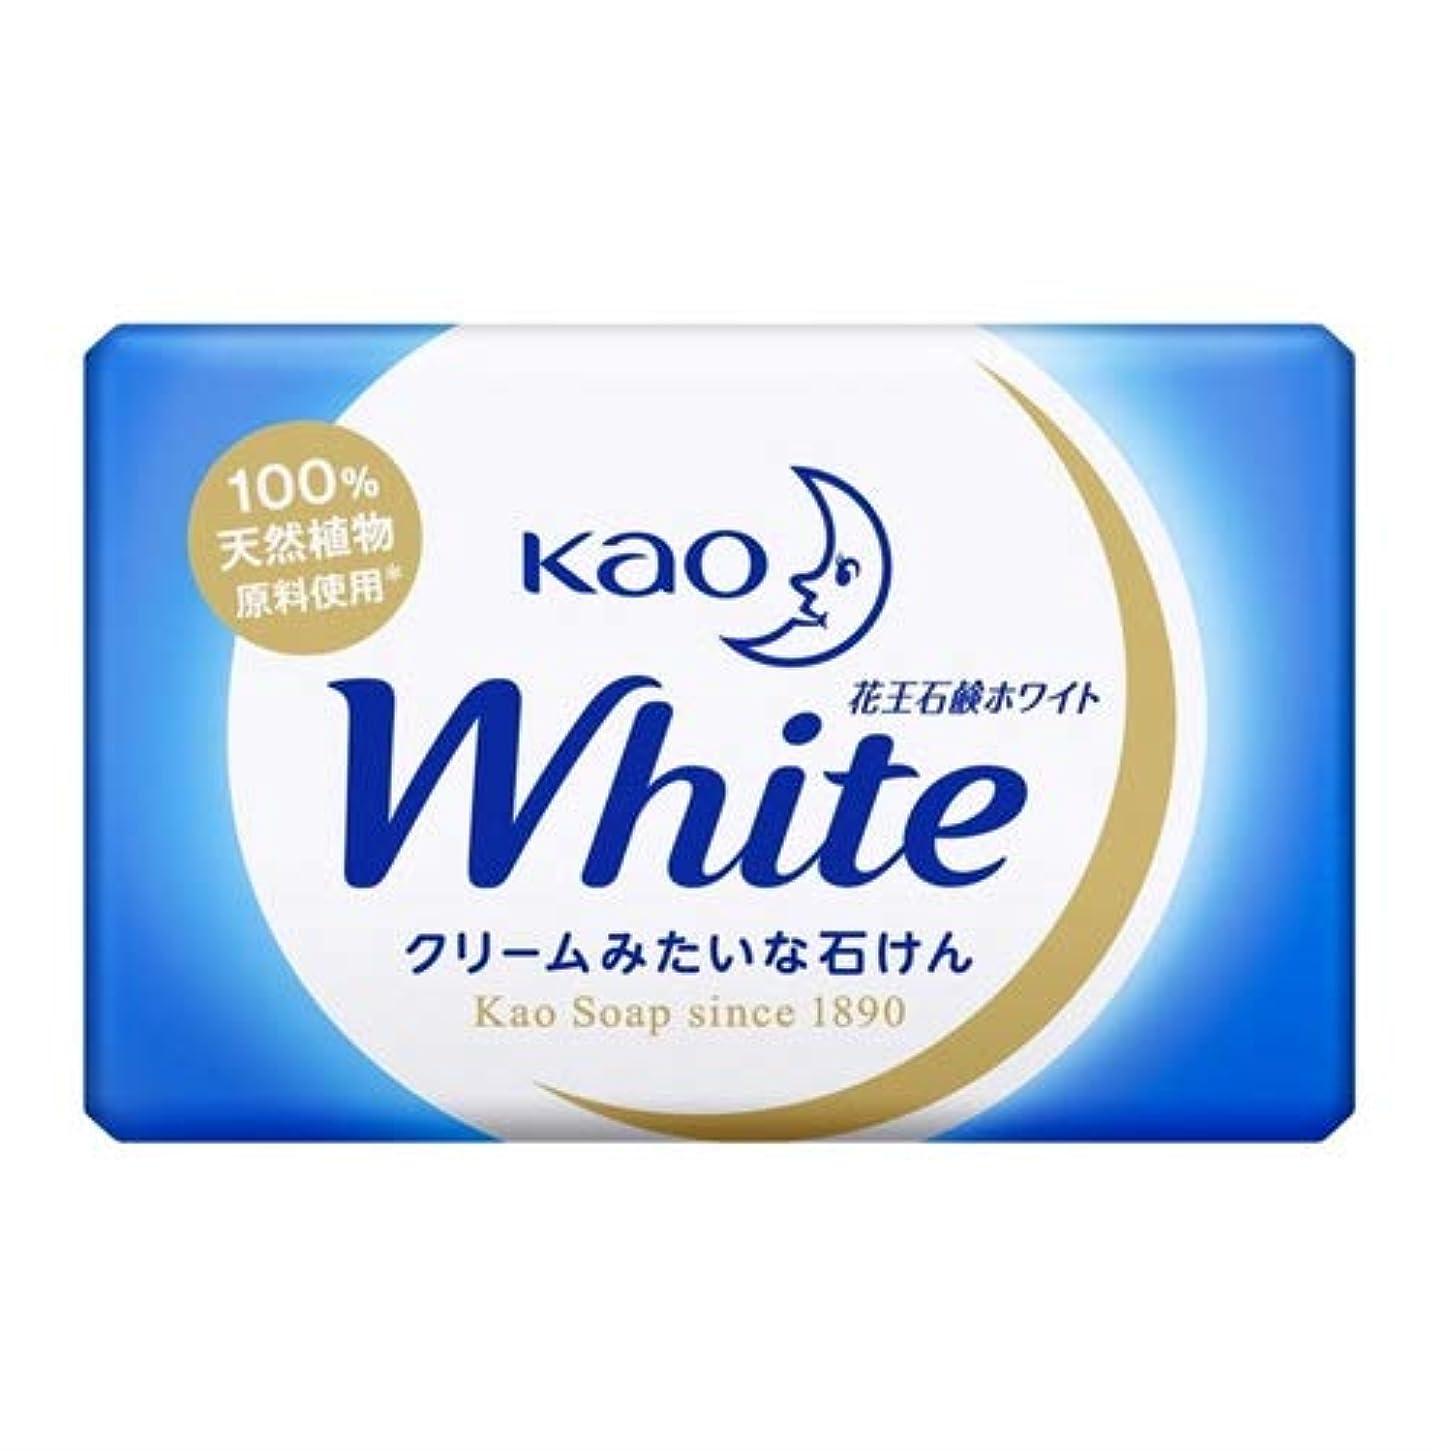 洗剤ゆるい件名花王石鹸ホワイト 業務用ミニサイズ 15g × 10個セット